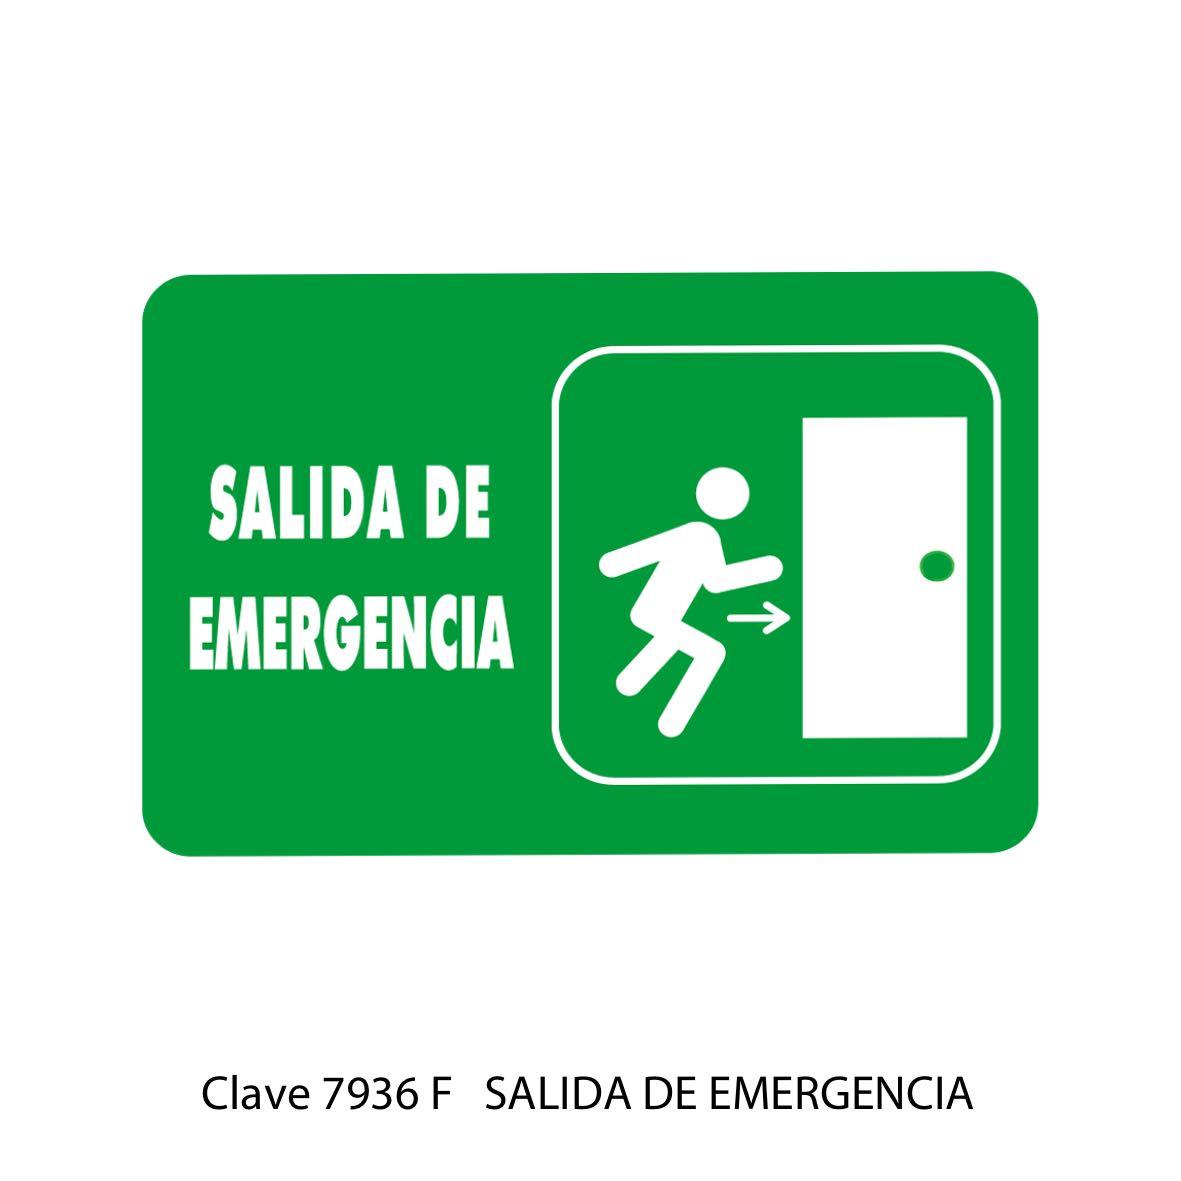 Señal Salida de Emergencia Modelo 7936 F - Sablón